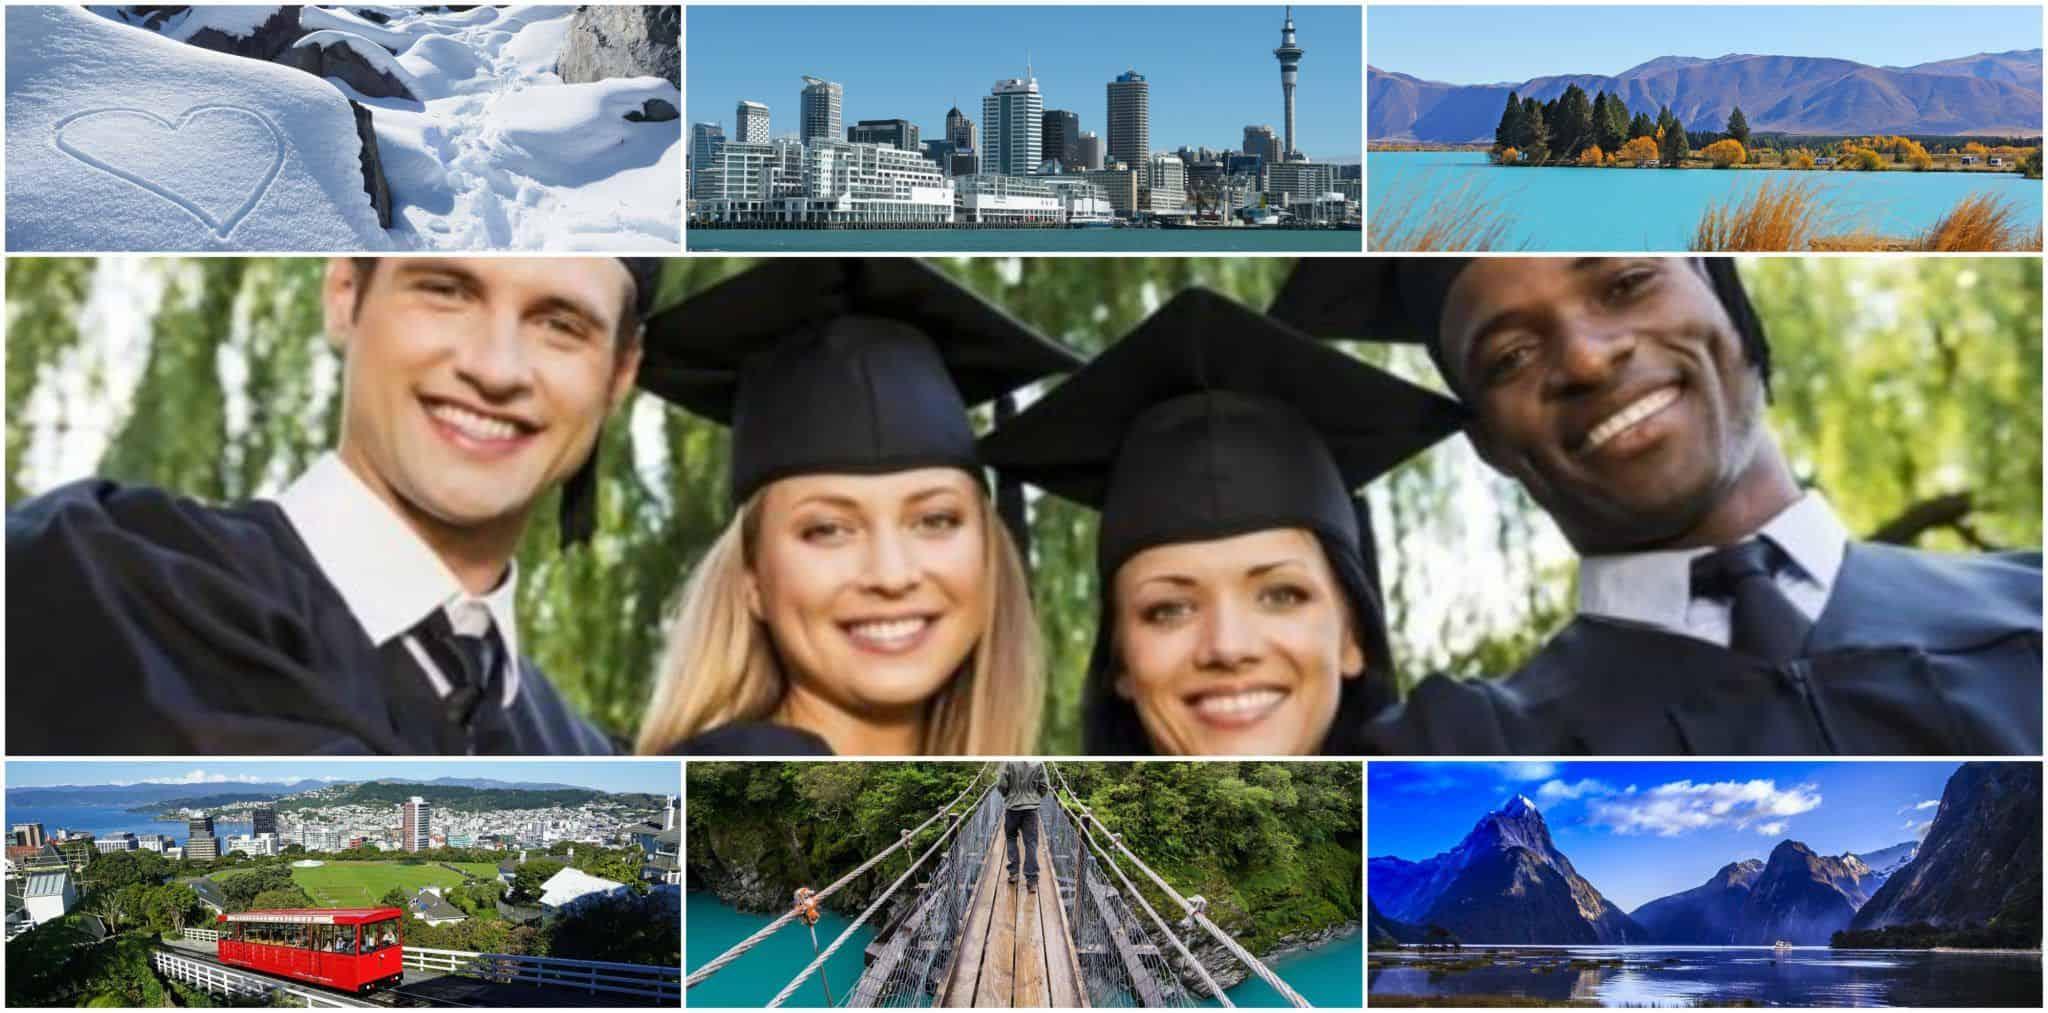 Master Neuseeland - Master in Neuseeland - Master Studiengänge in Neuseeland